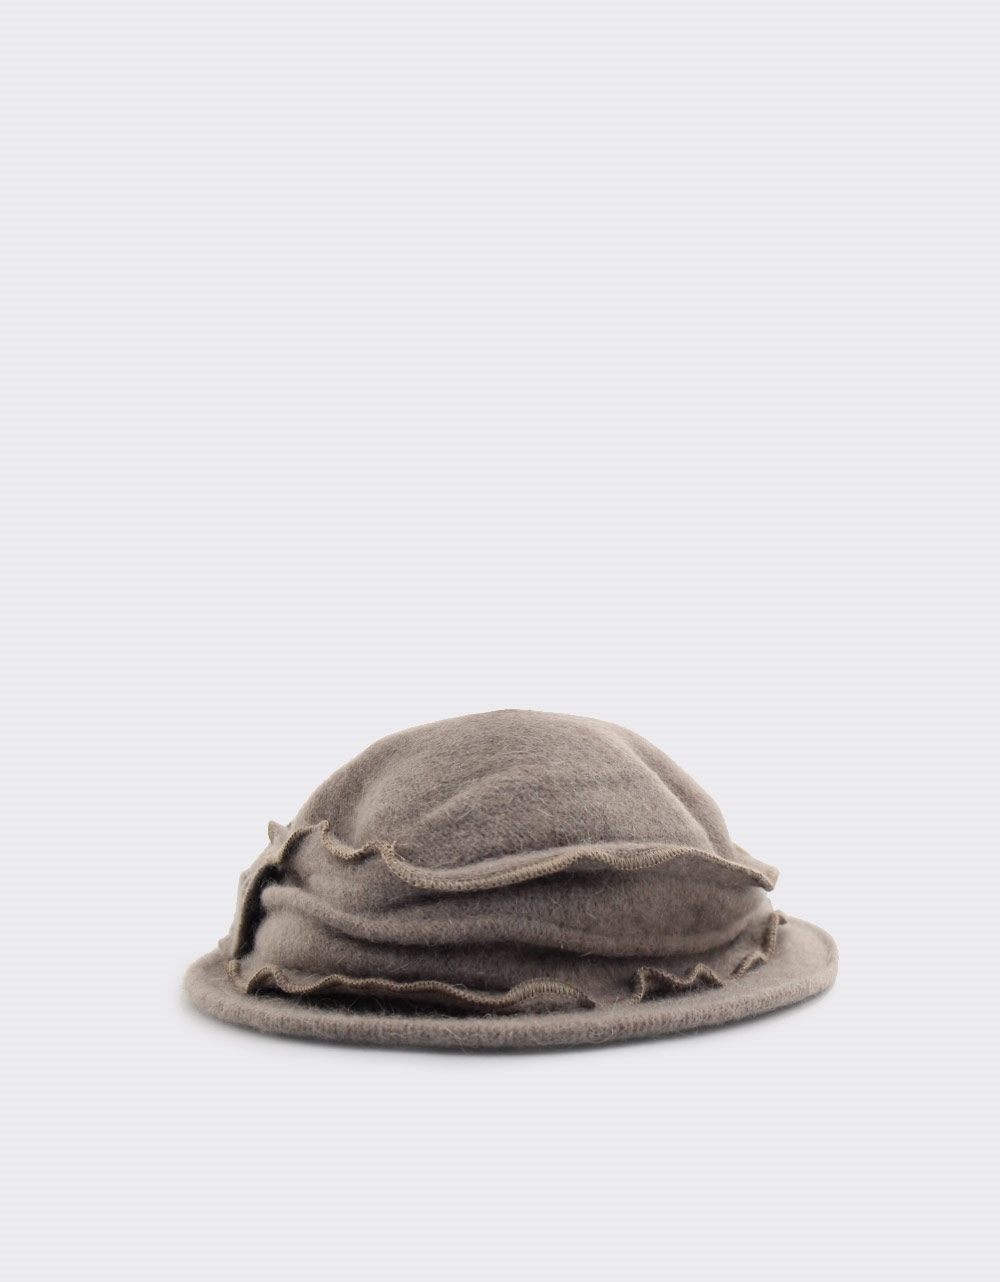 Εικόνα από Γυναικεία καπέλα με διακοσμητικό φιόγκο Πούρο